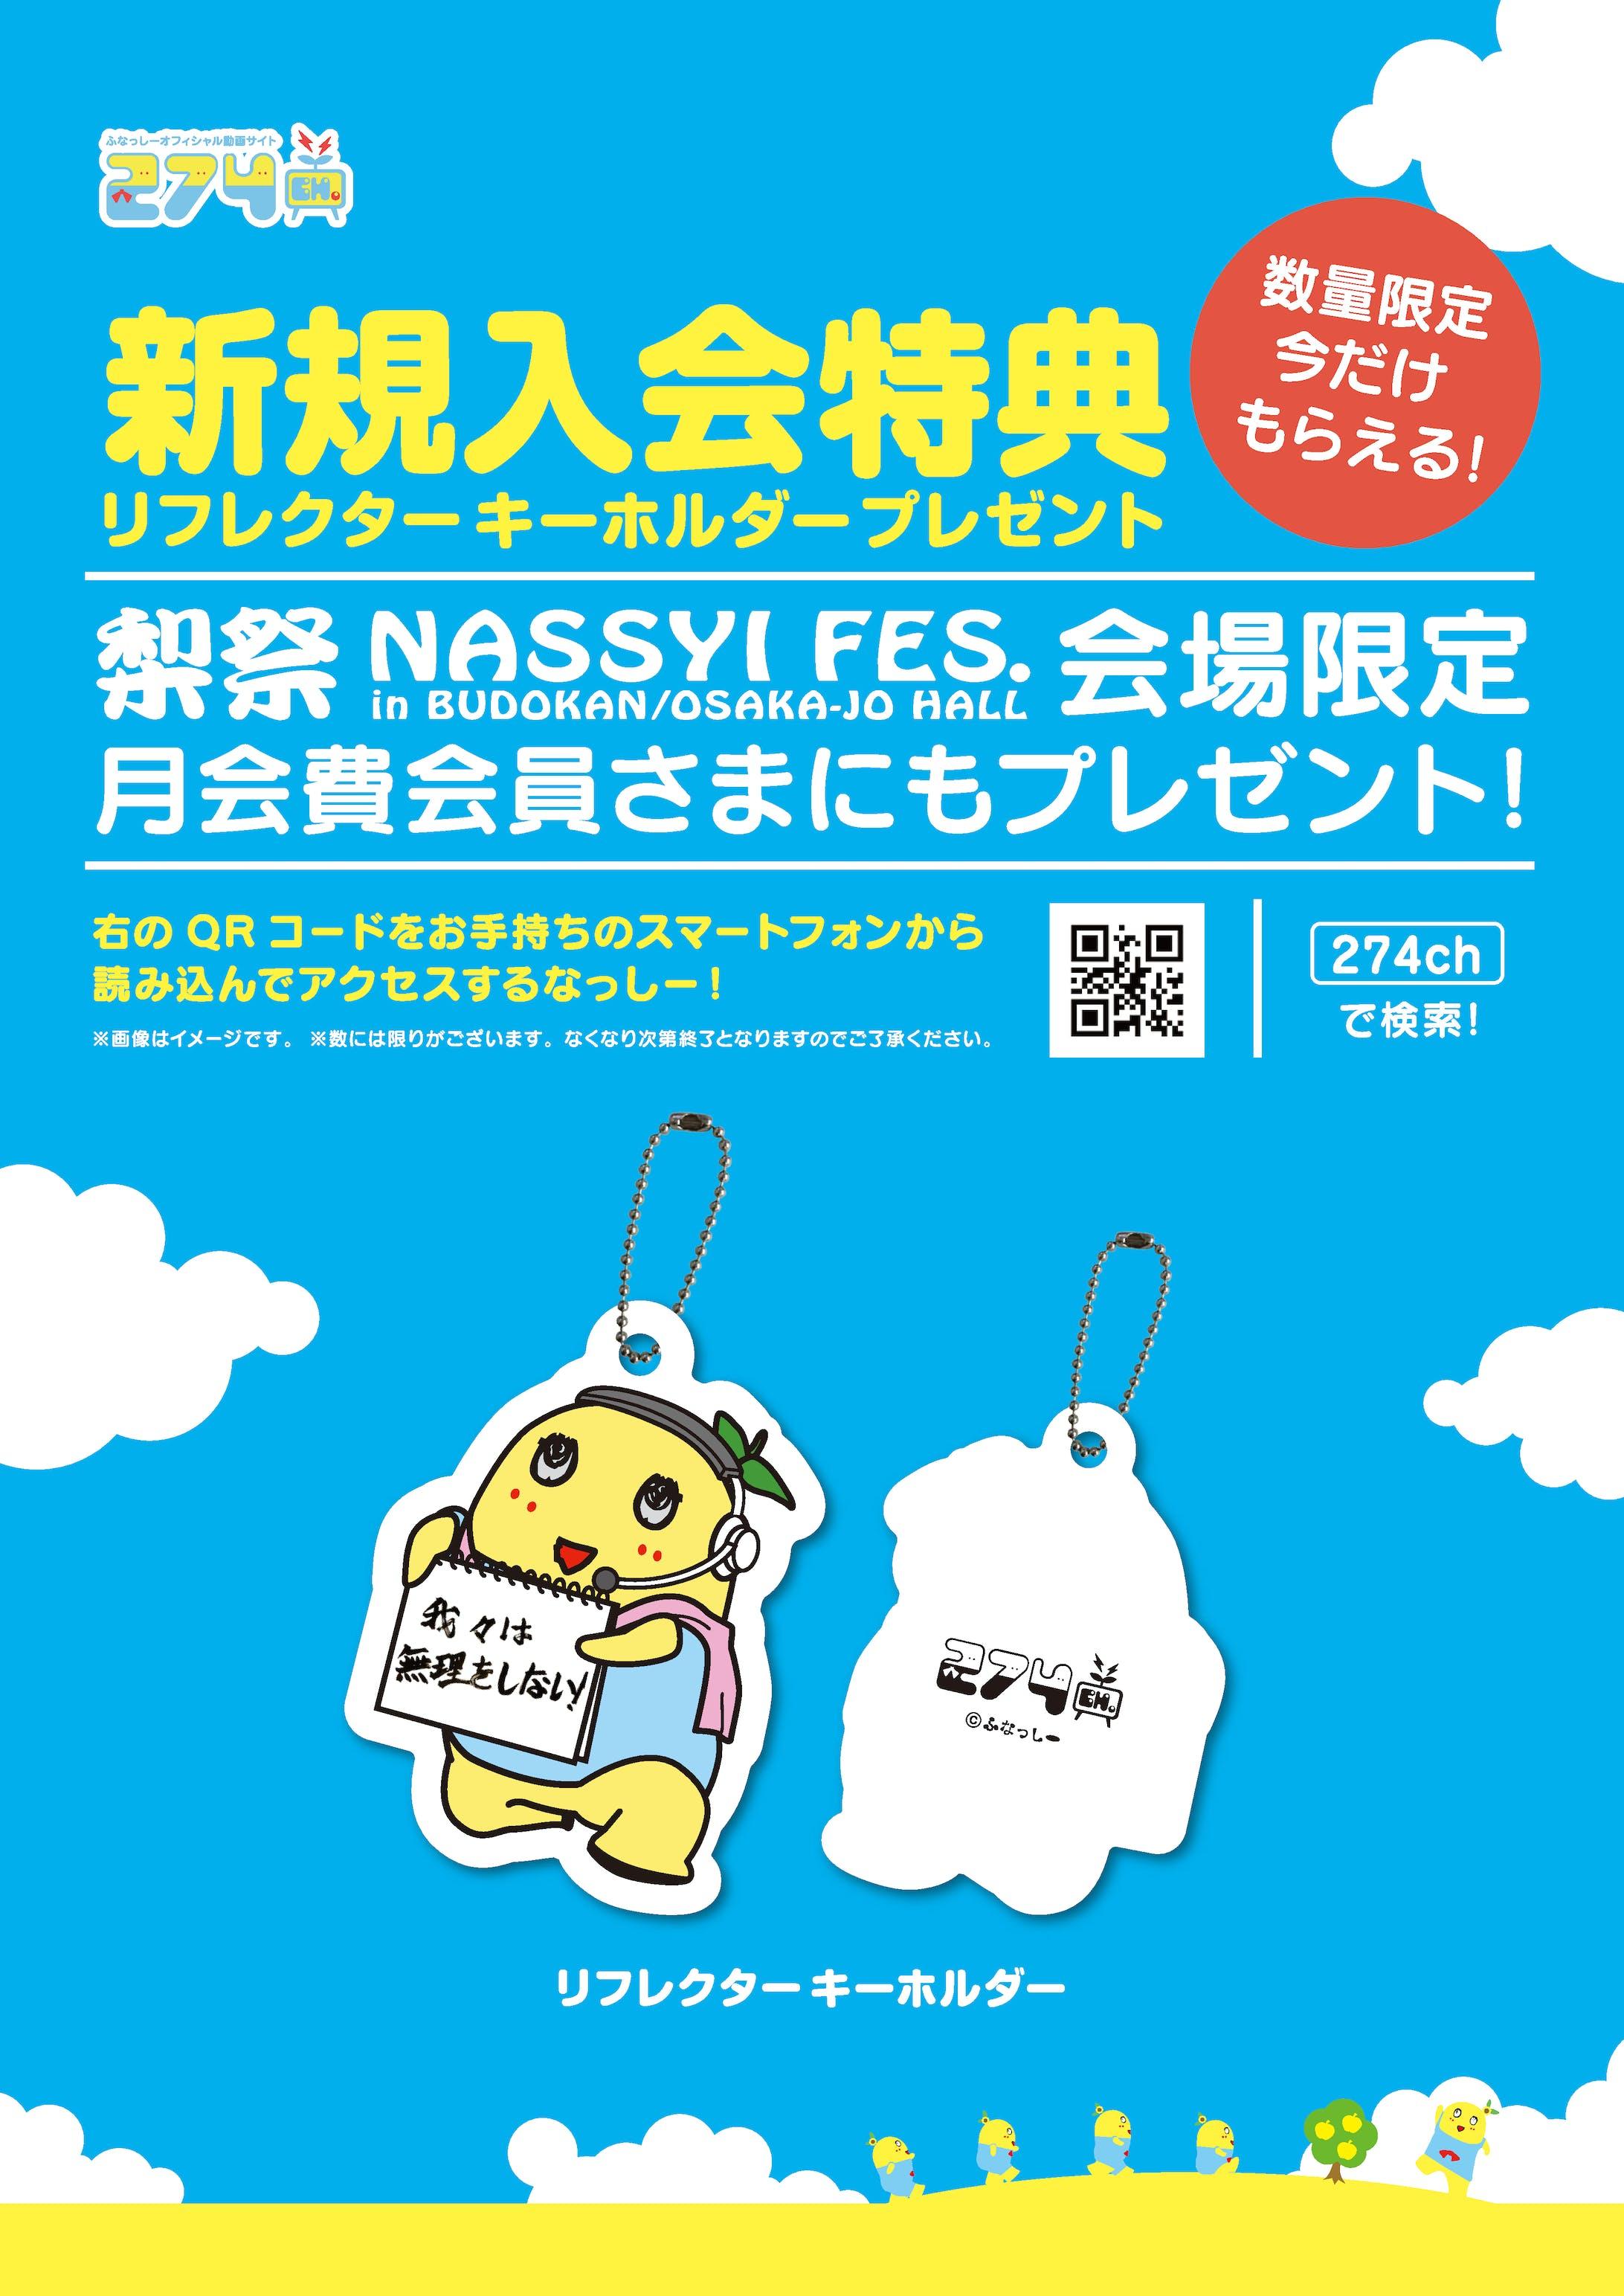 梨祭 NASSYI FES. in 武道館 official poster & nobori design.-2